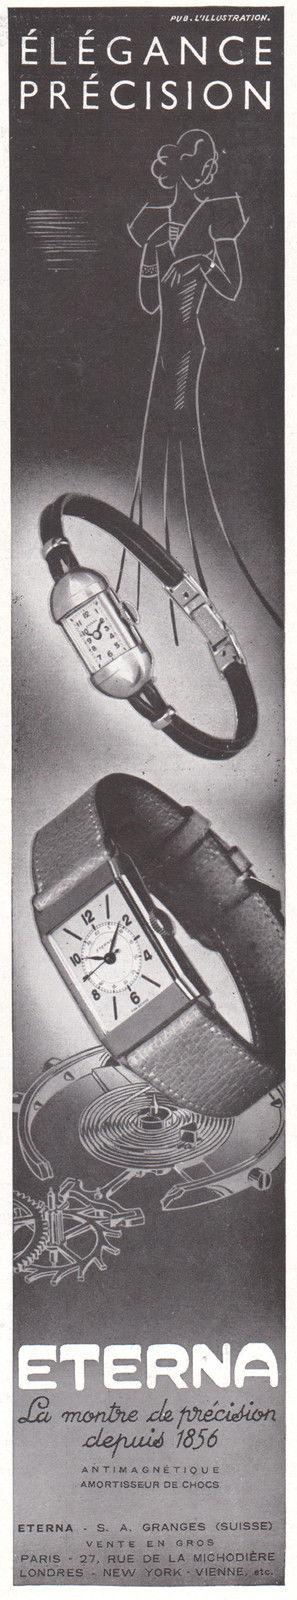 Eterna - Le club des heureux possesseurs d'ETERNA - tome 4 193710